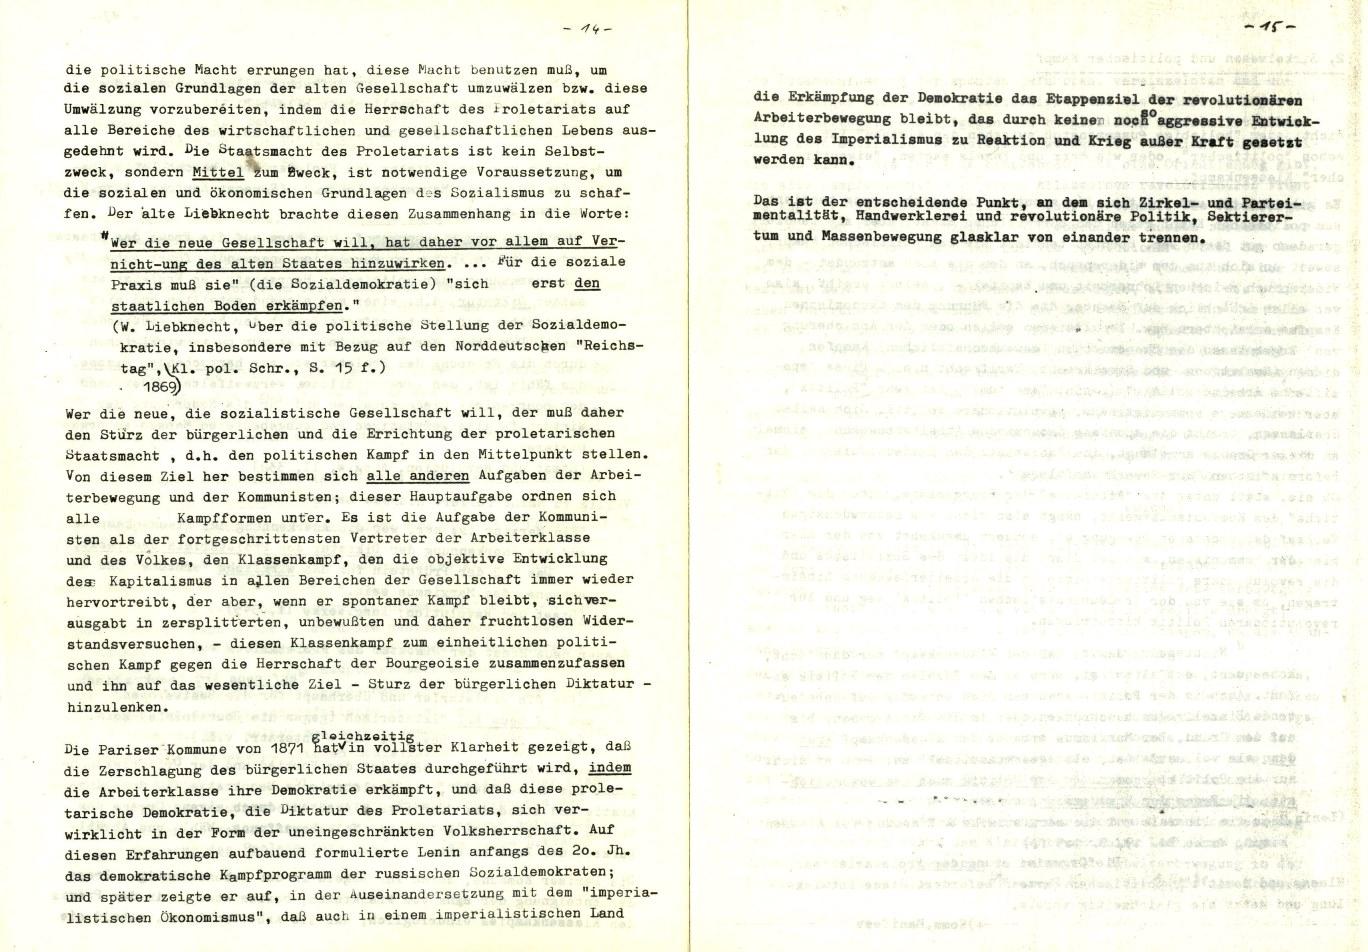 KGBE_Ehemalige_1977_Kritik_an_der_KGBE_11